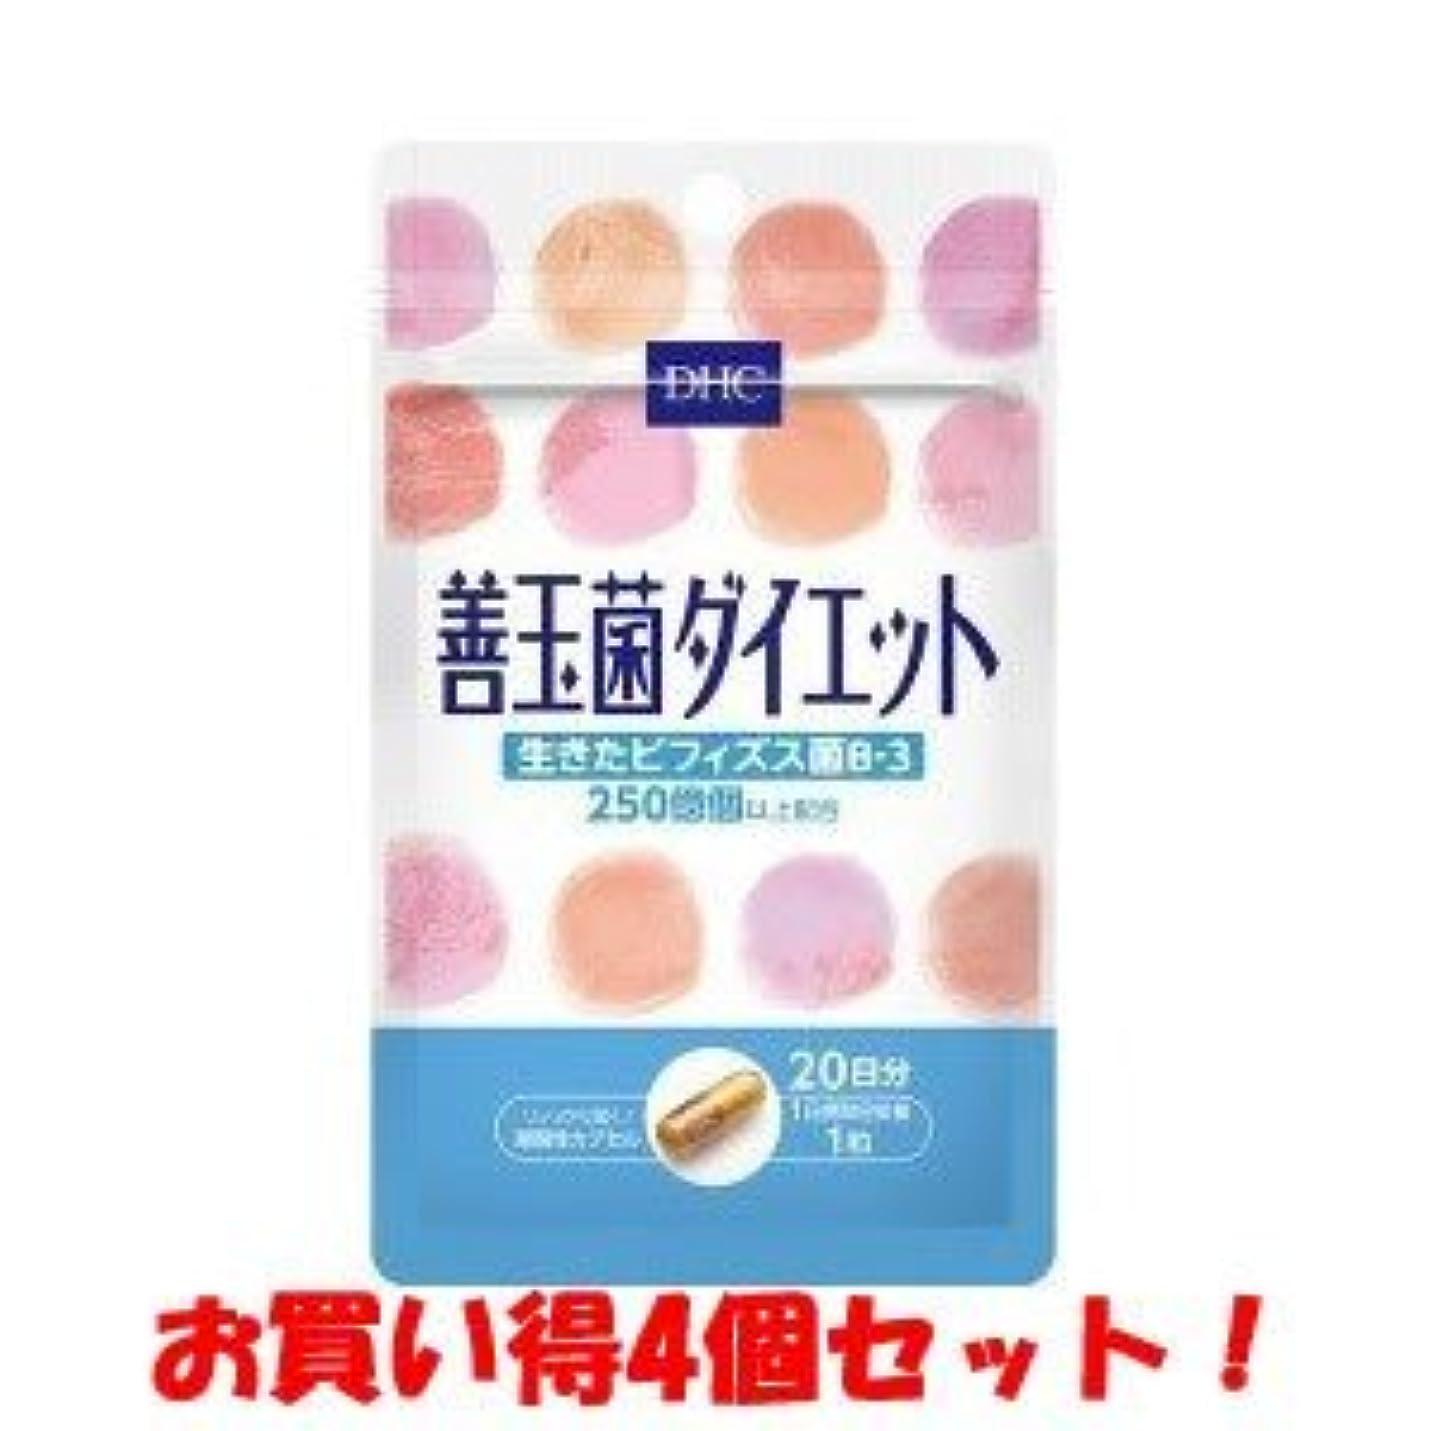 レーダースポット日光DHC 20日善玉菌ダイエット 6.9g/新商品/(お買い得4個セット)